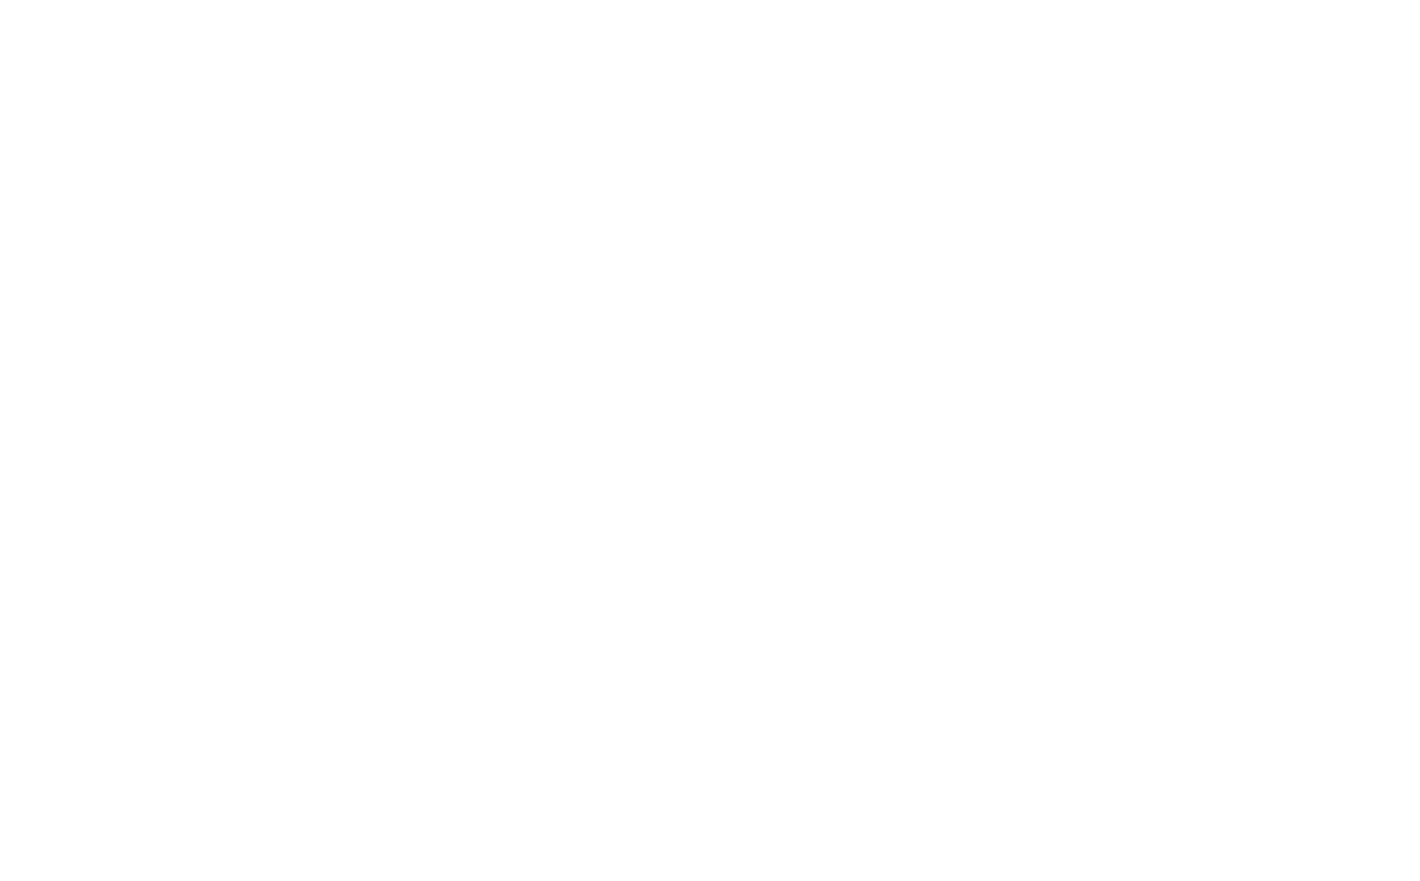 glasbena_sola_ribnica_logo_bel